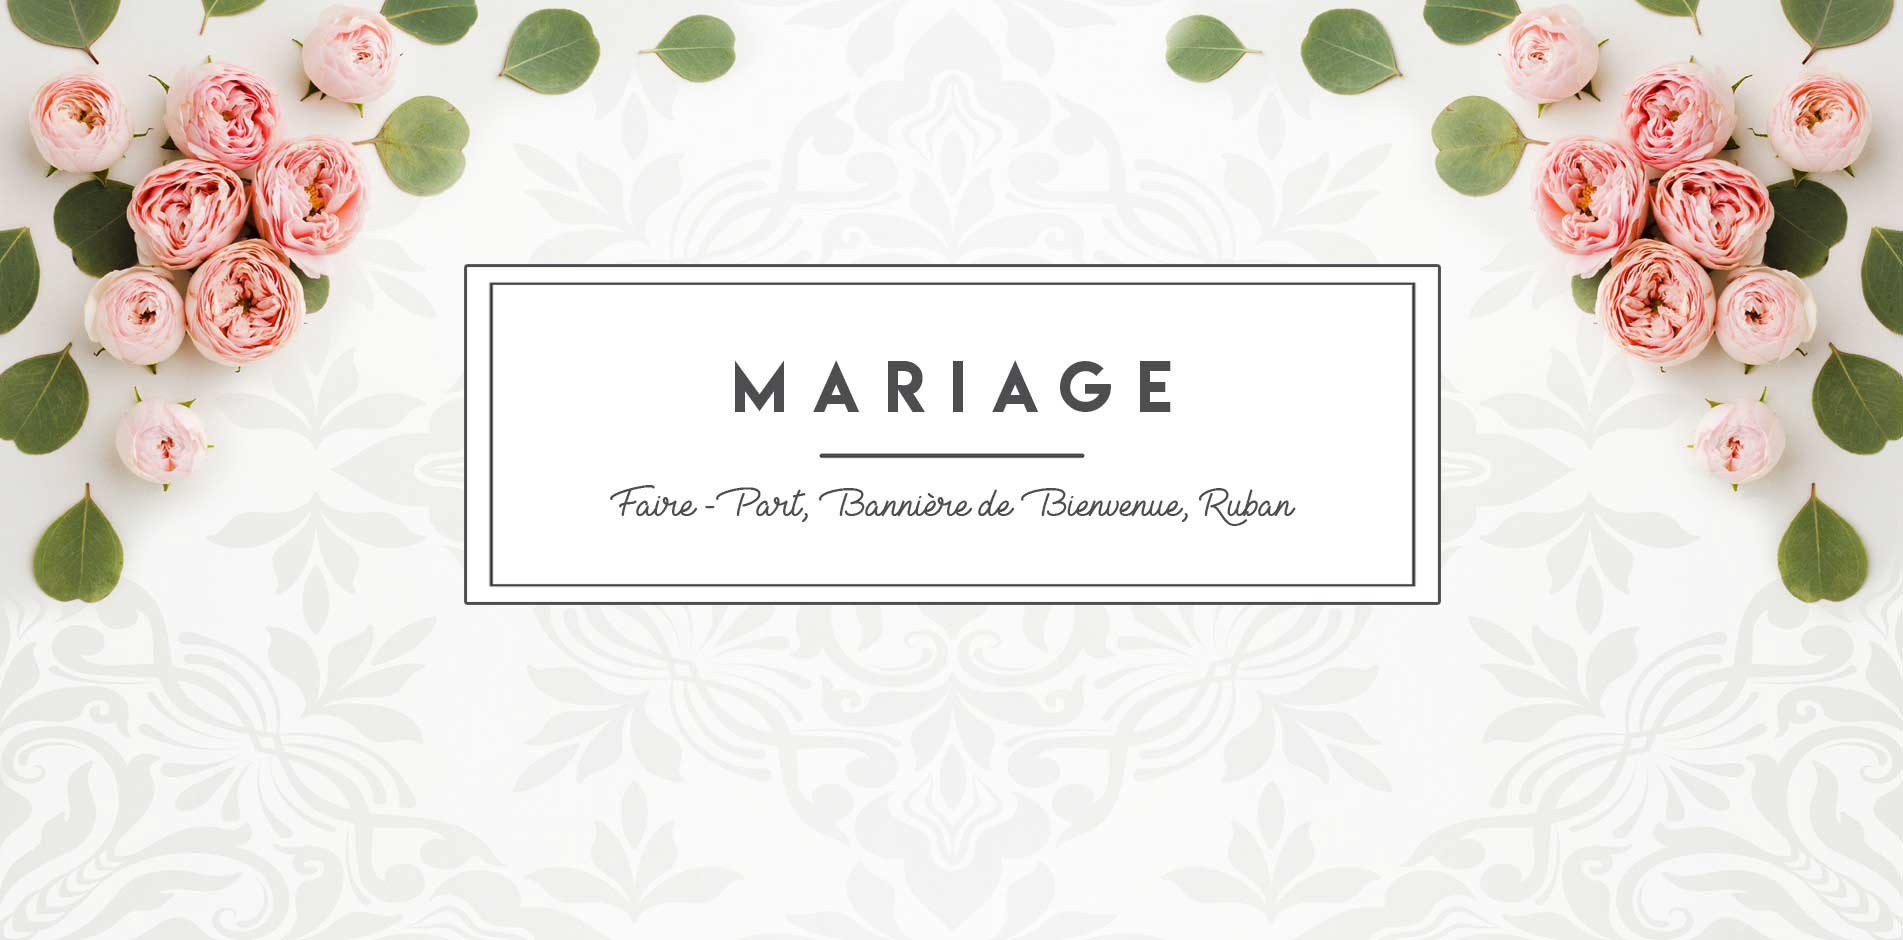 Faire-part, bannière de bienvenue, rubans personnalisés et accessoires MARIAGE